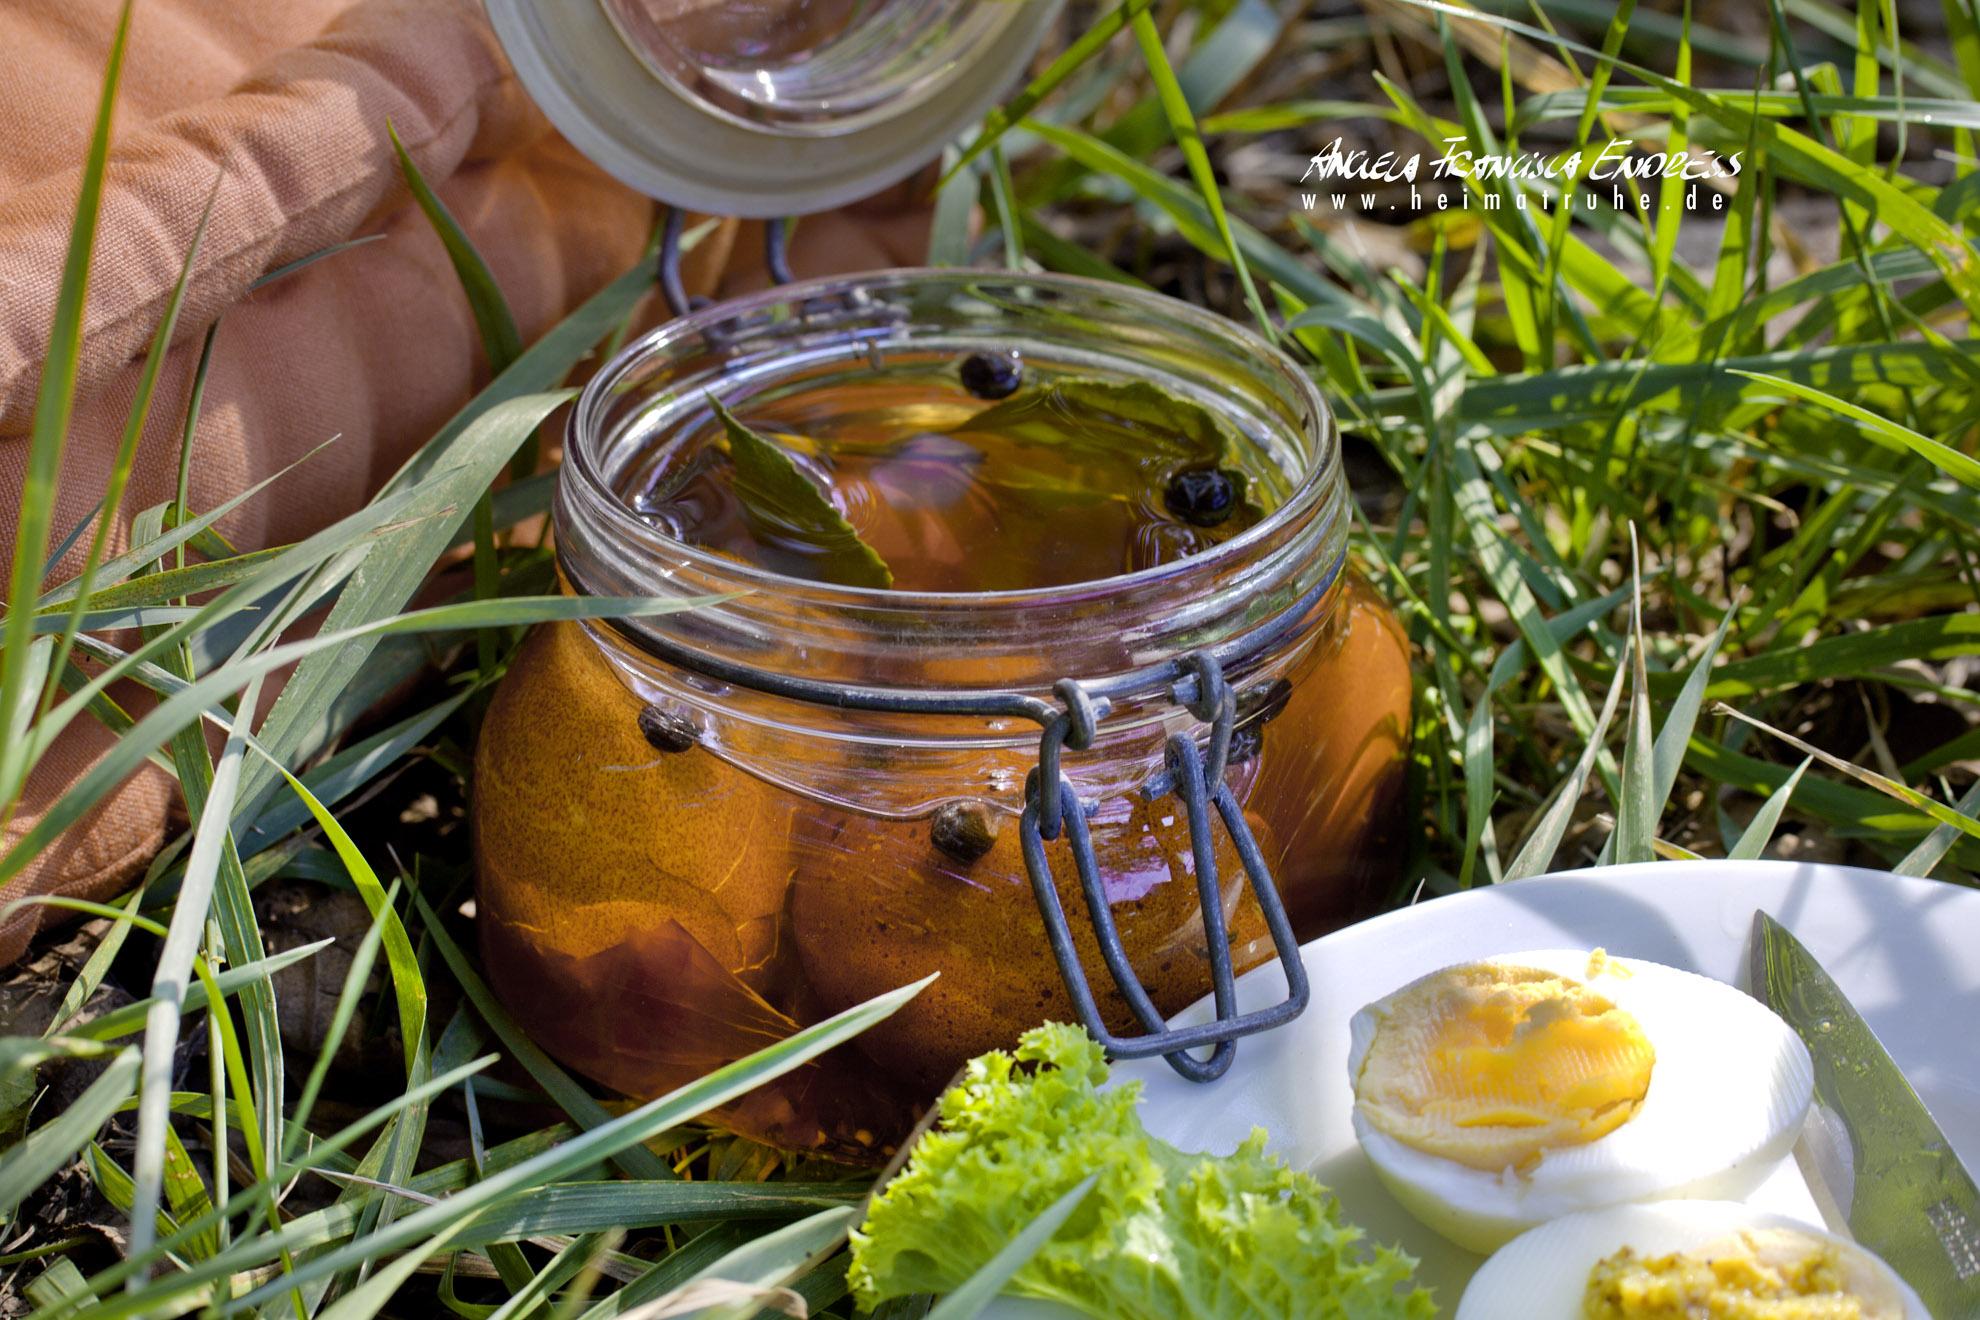 Soleier im Glas steht im Gras für Picknick, aufgeschnittene Eier auf Teller